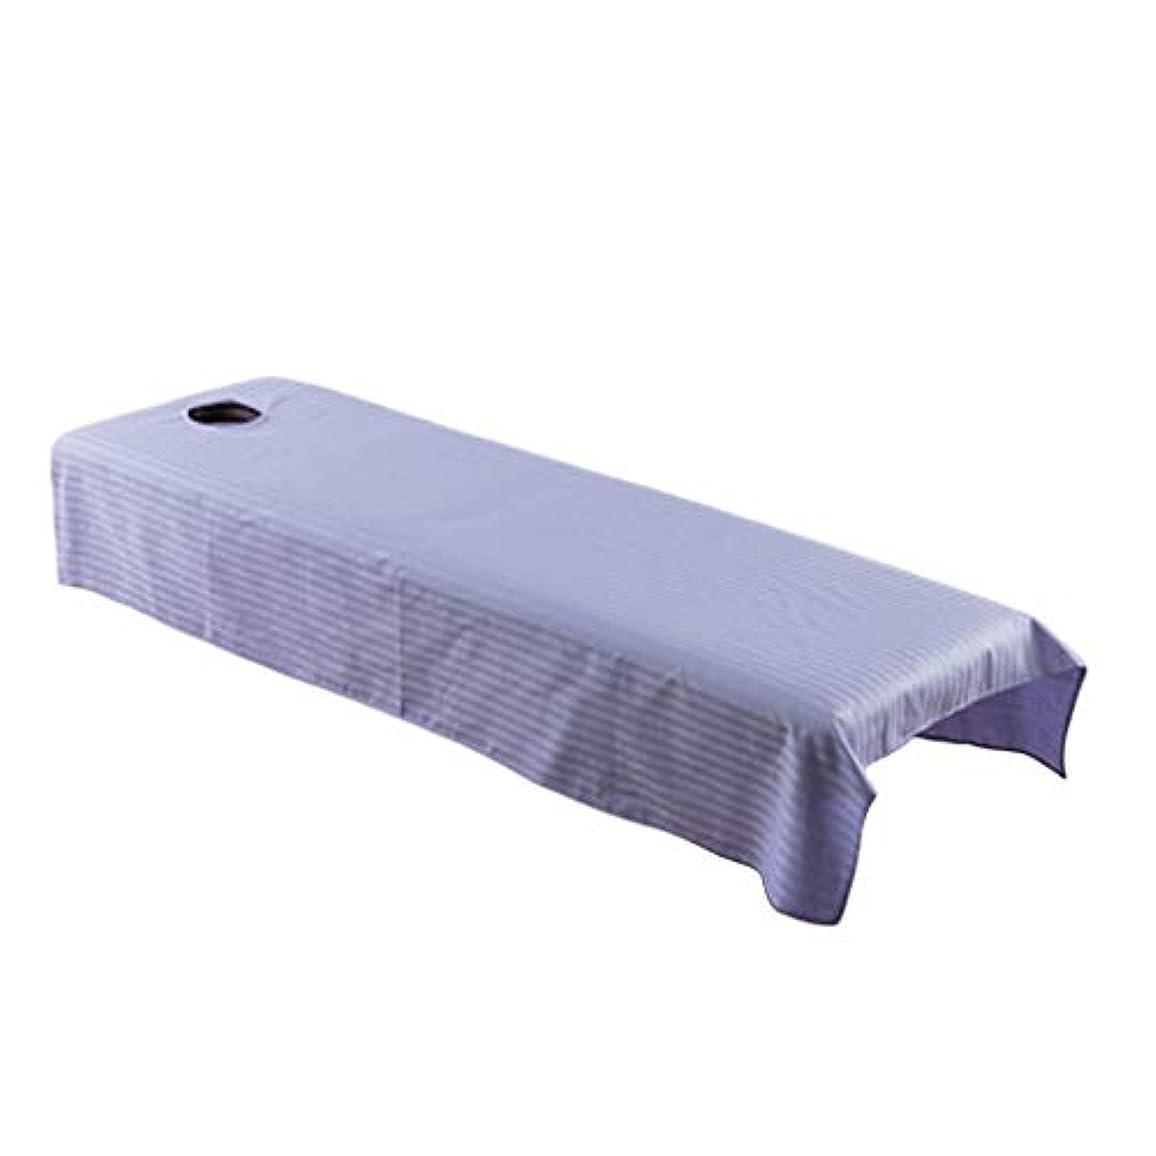 瞑想するマッサージ鮮やかなマッサージベッド カバー シート 有孔 コットン 美容院 マッサージサロン 全5カラー - ライトパープル